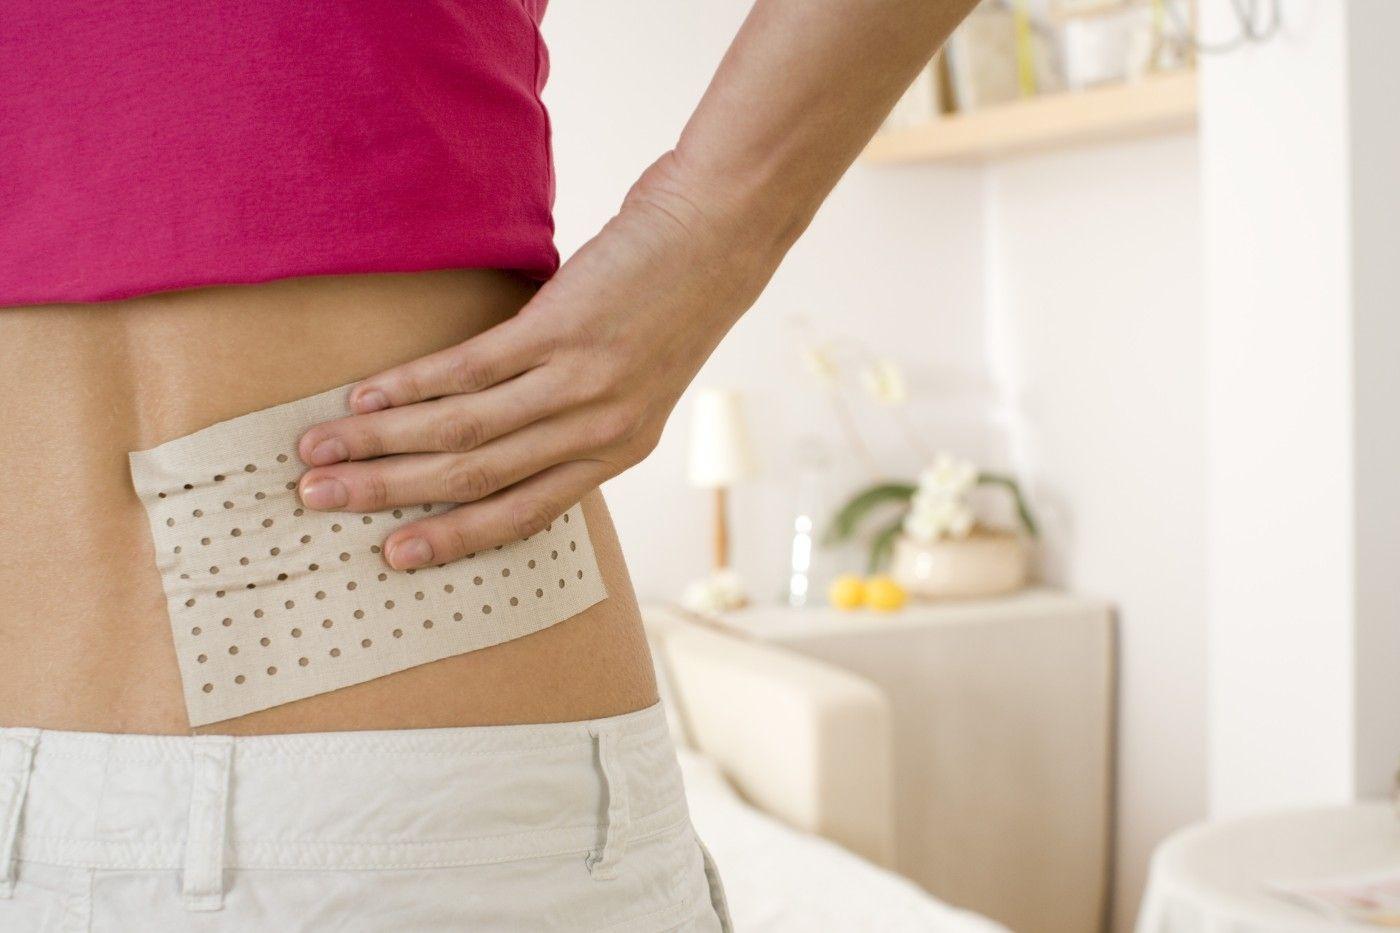 Ledviny a bolest kloubů